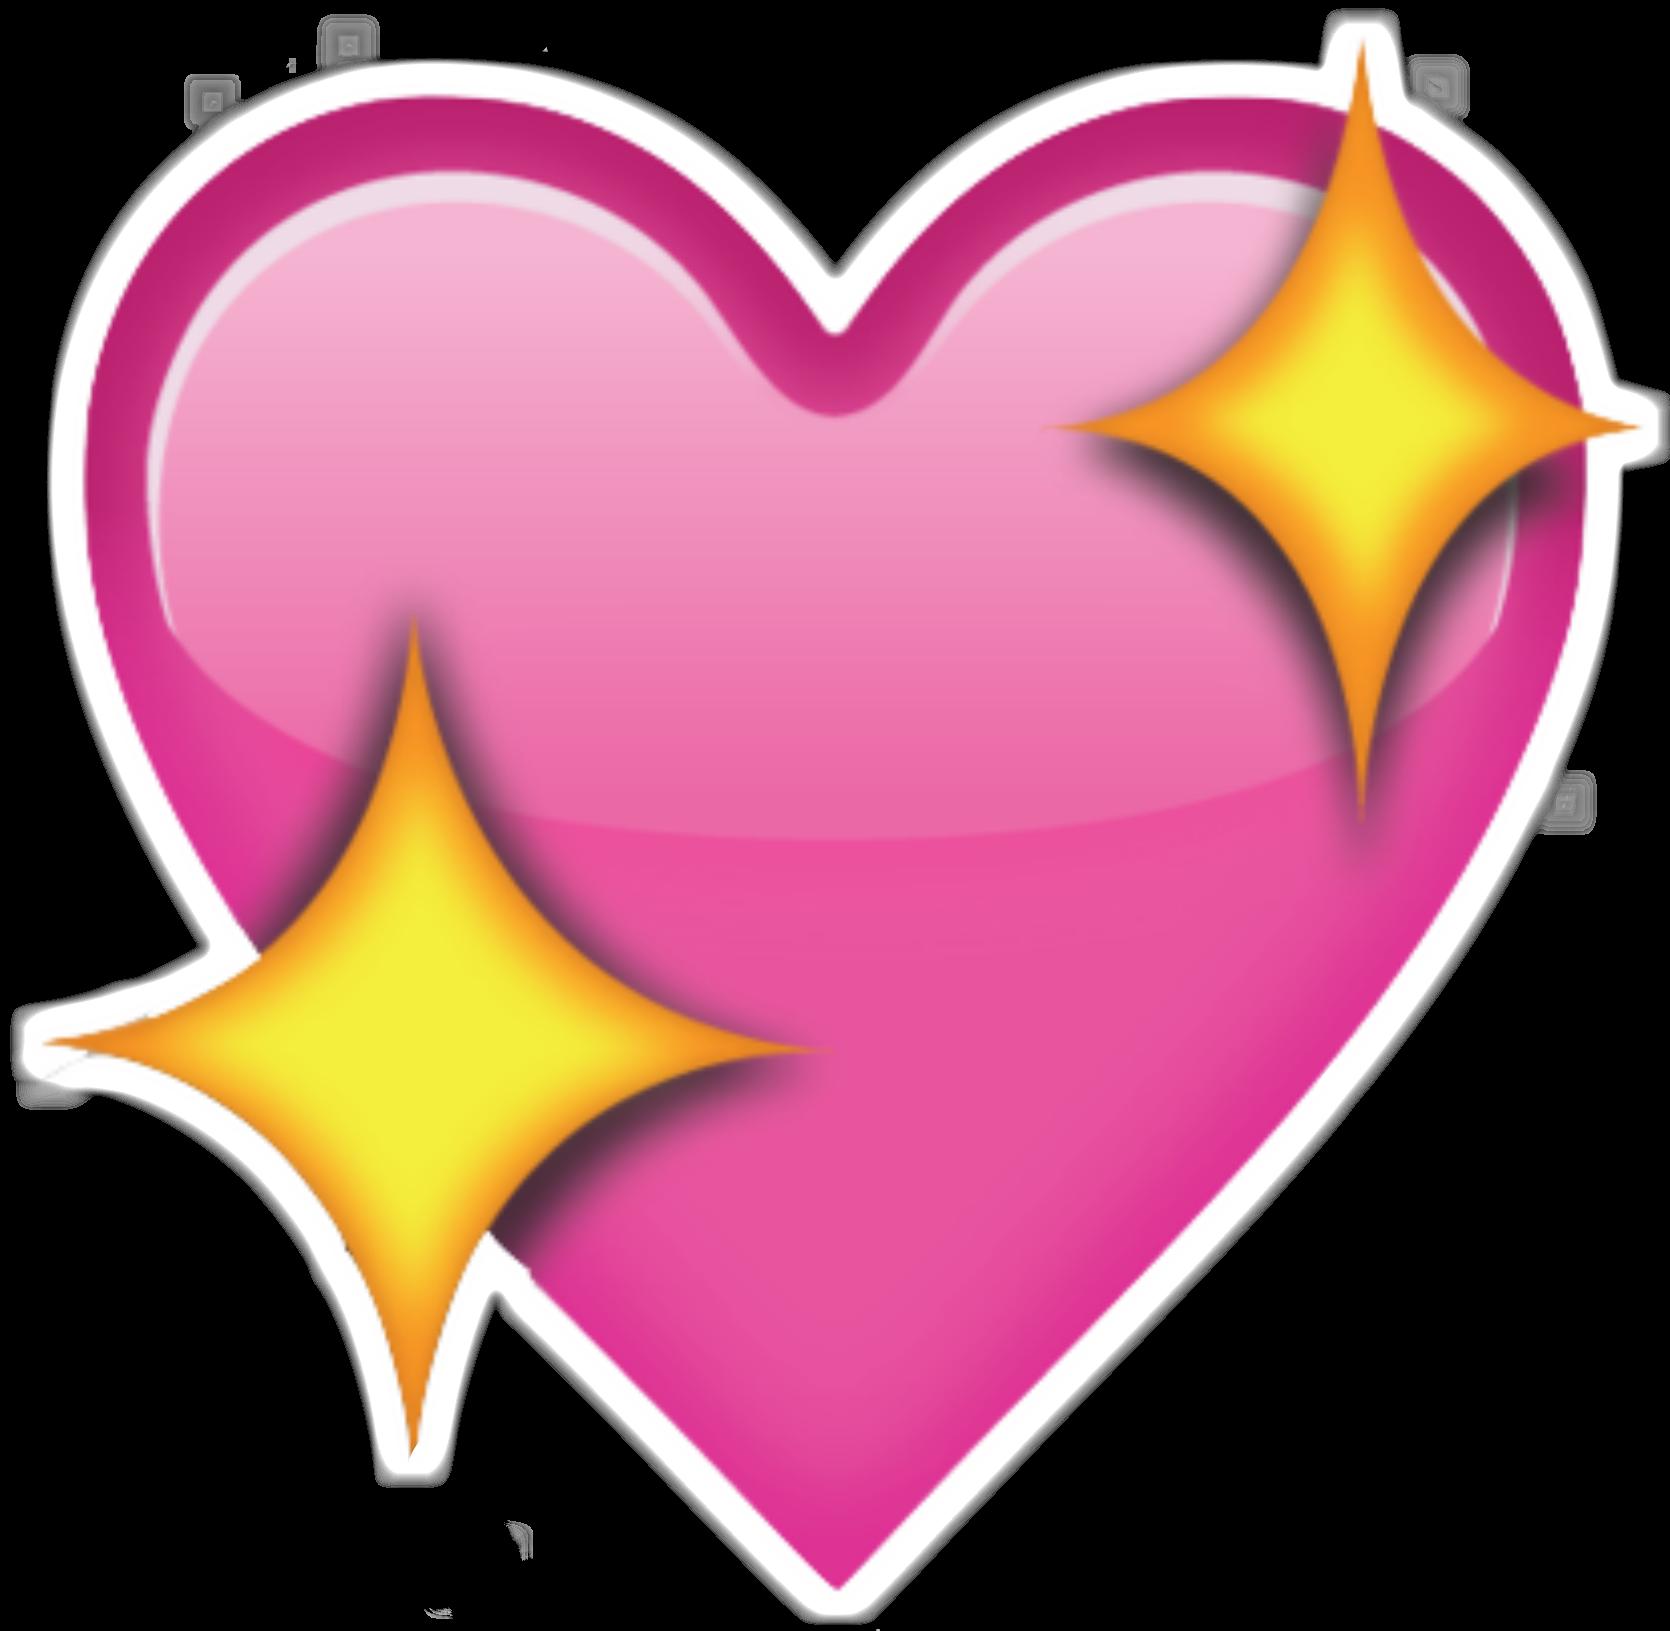 Sparkle clipart border. Pink emoji heart png